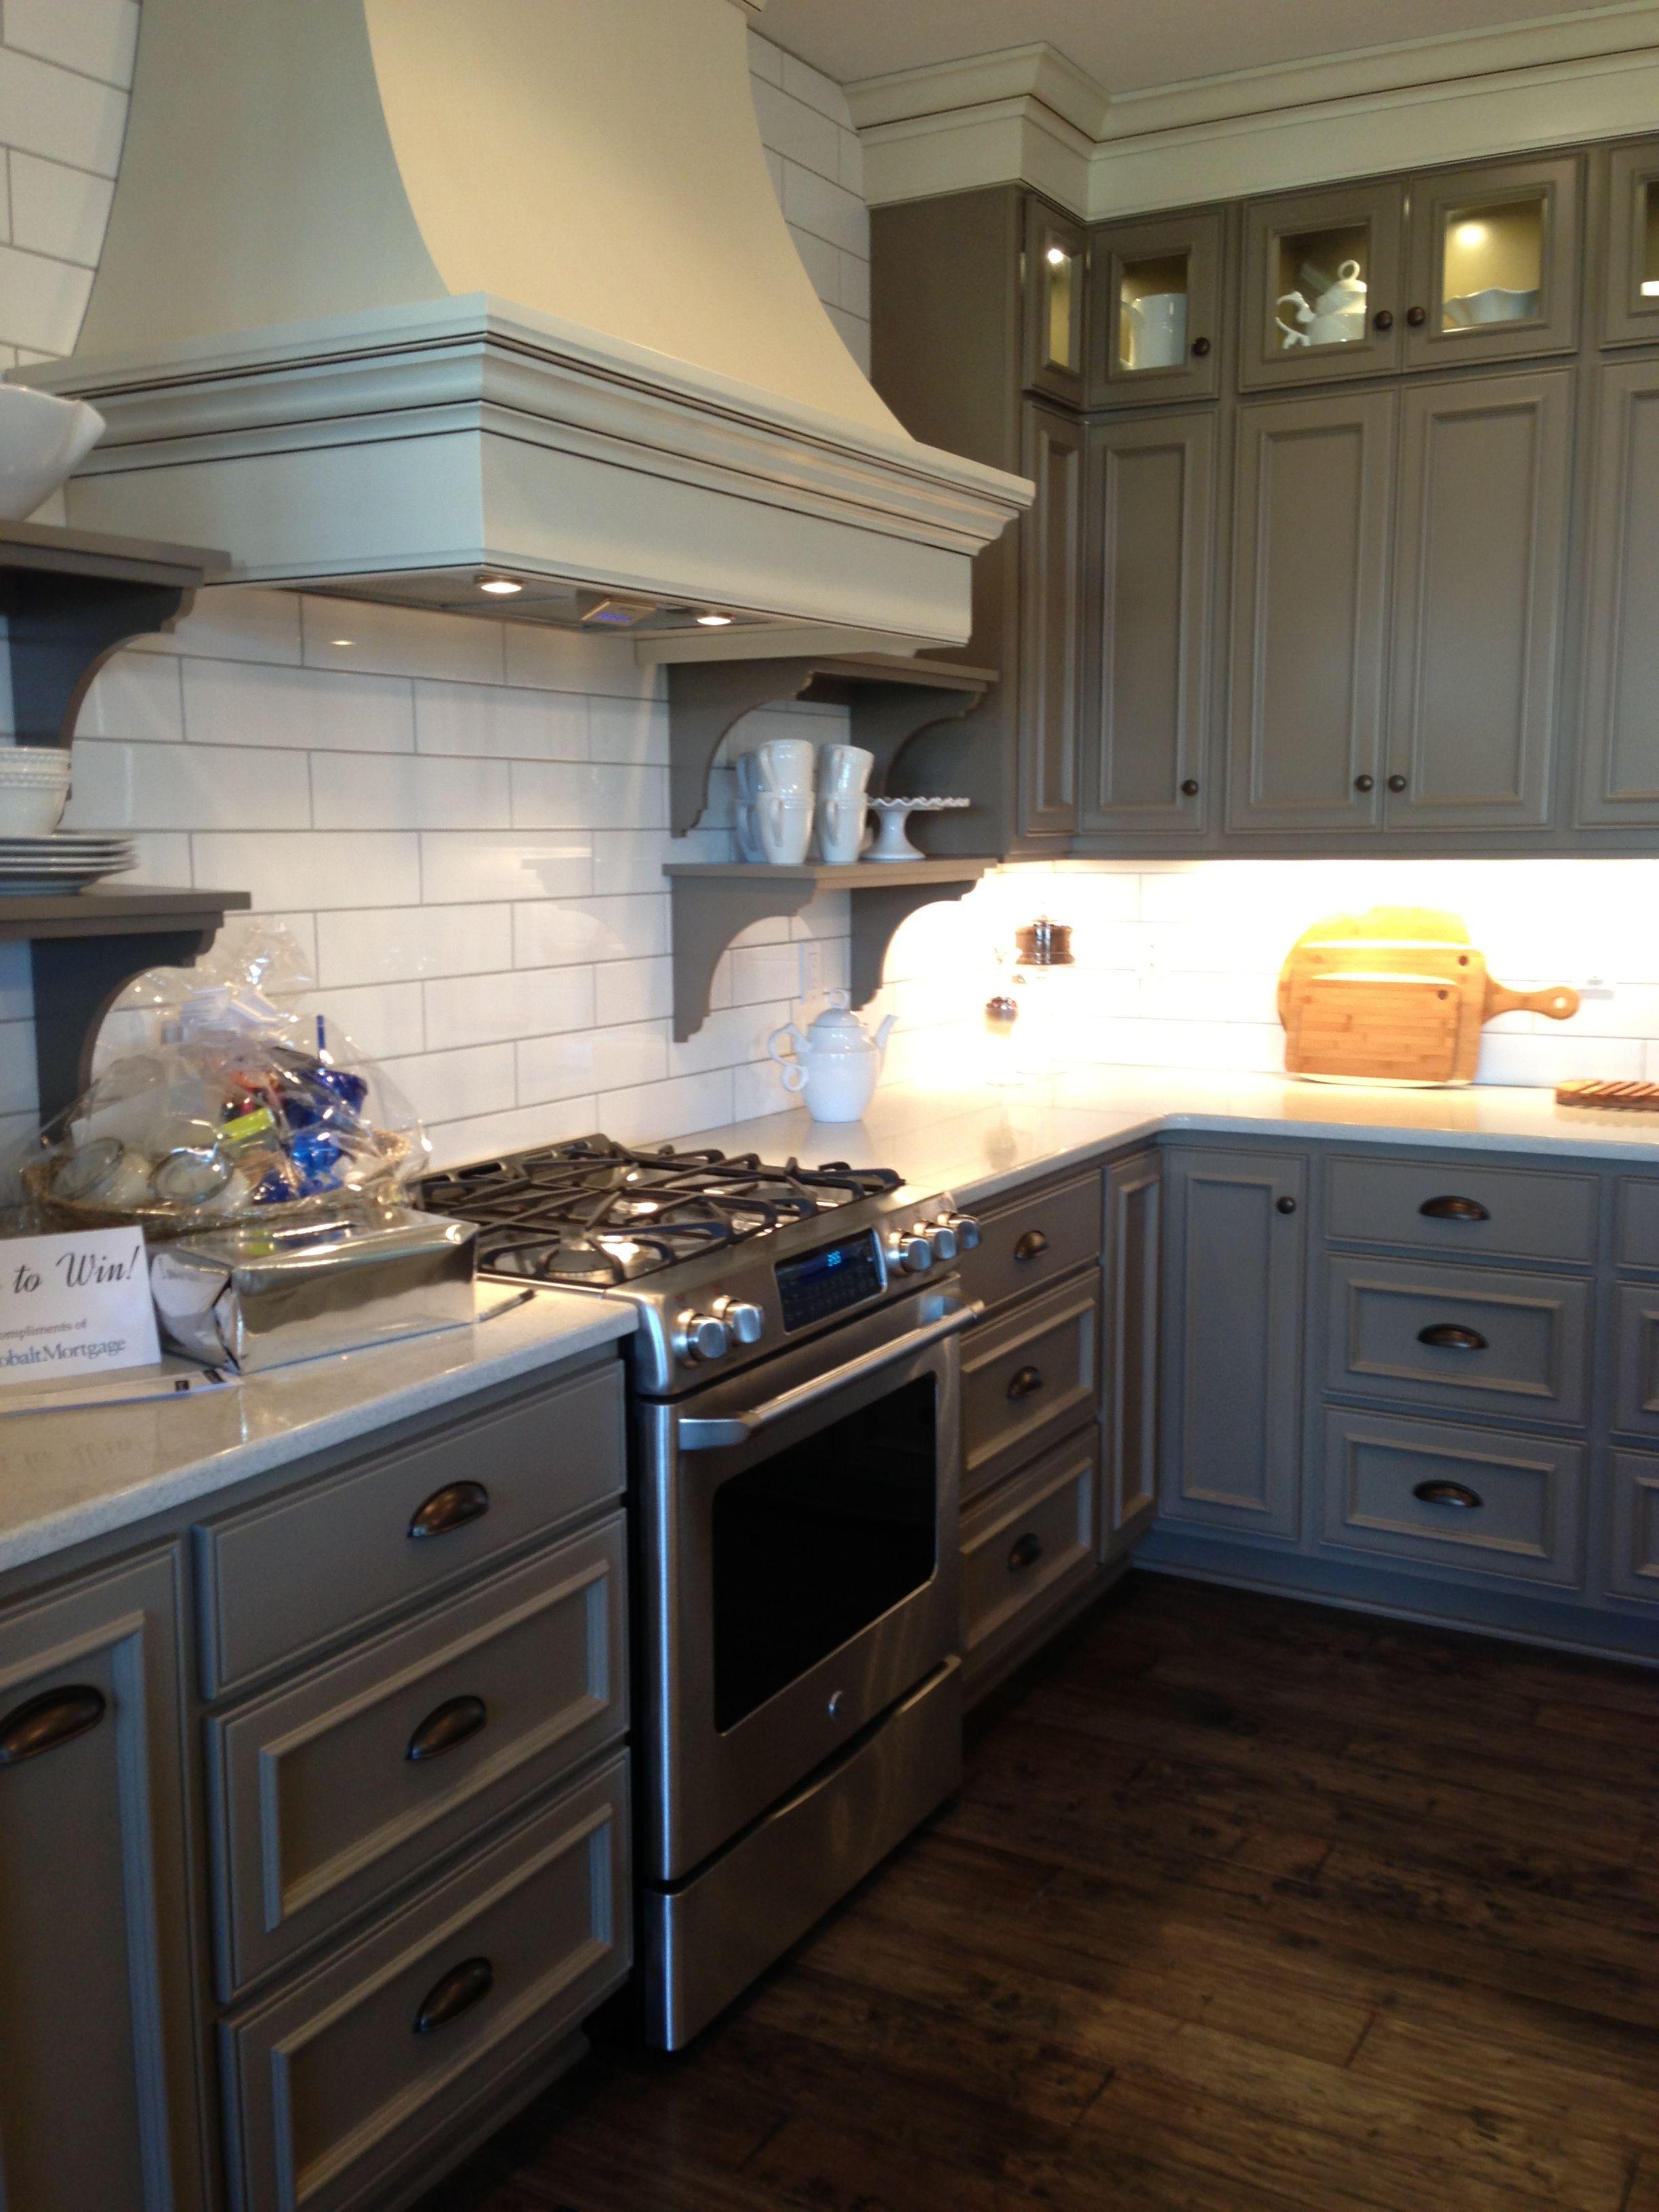 Interesting grey cabinets and white subway tile backsplash